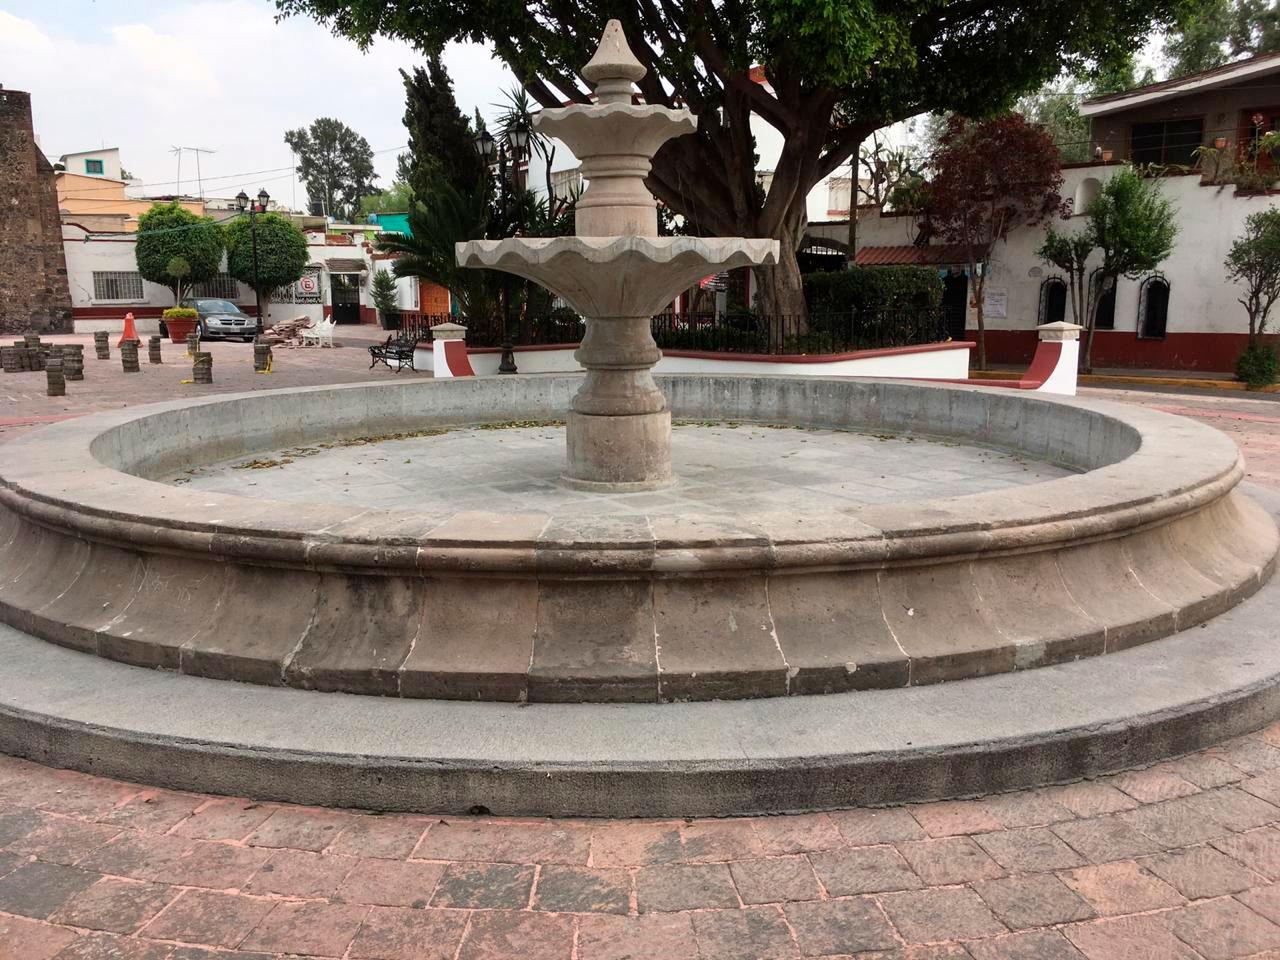 PLAZUELA DE SAN CRISTOBAL, ALCALDÍA XOCHIMILCO